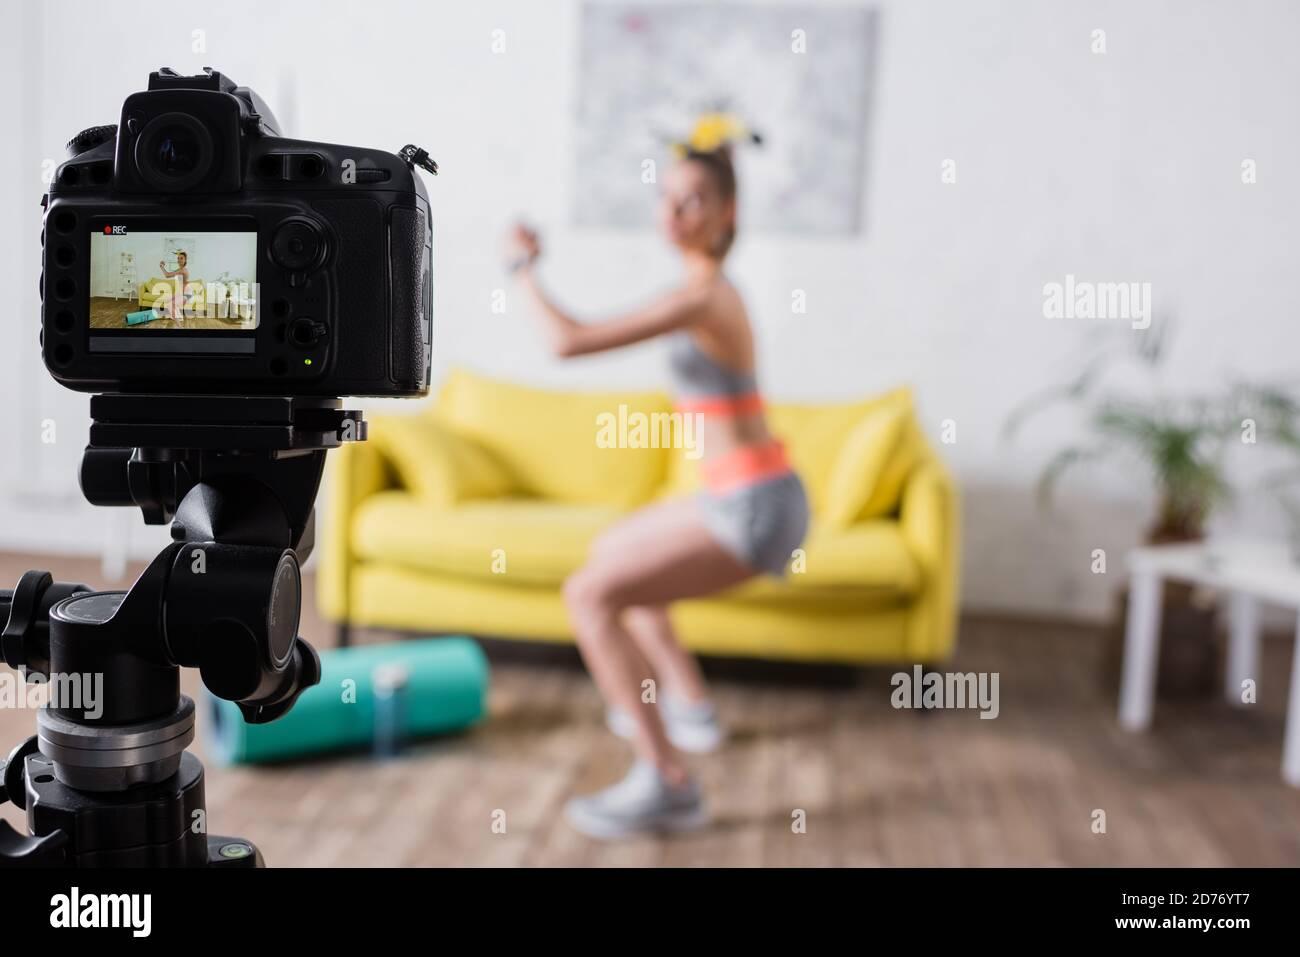 Objectif sélectif de la jeune sportswoman formation près de l'appareil photo numérique dans séjour Banque D'Images